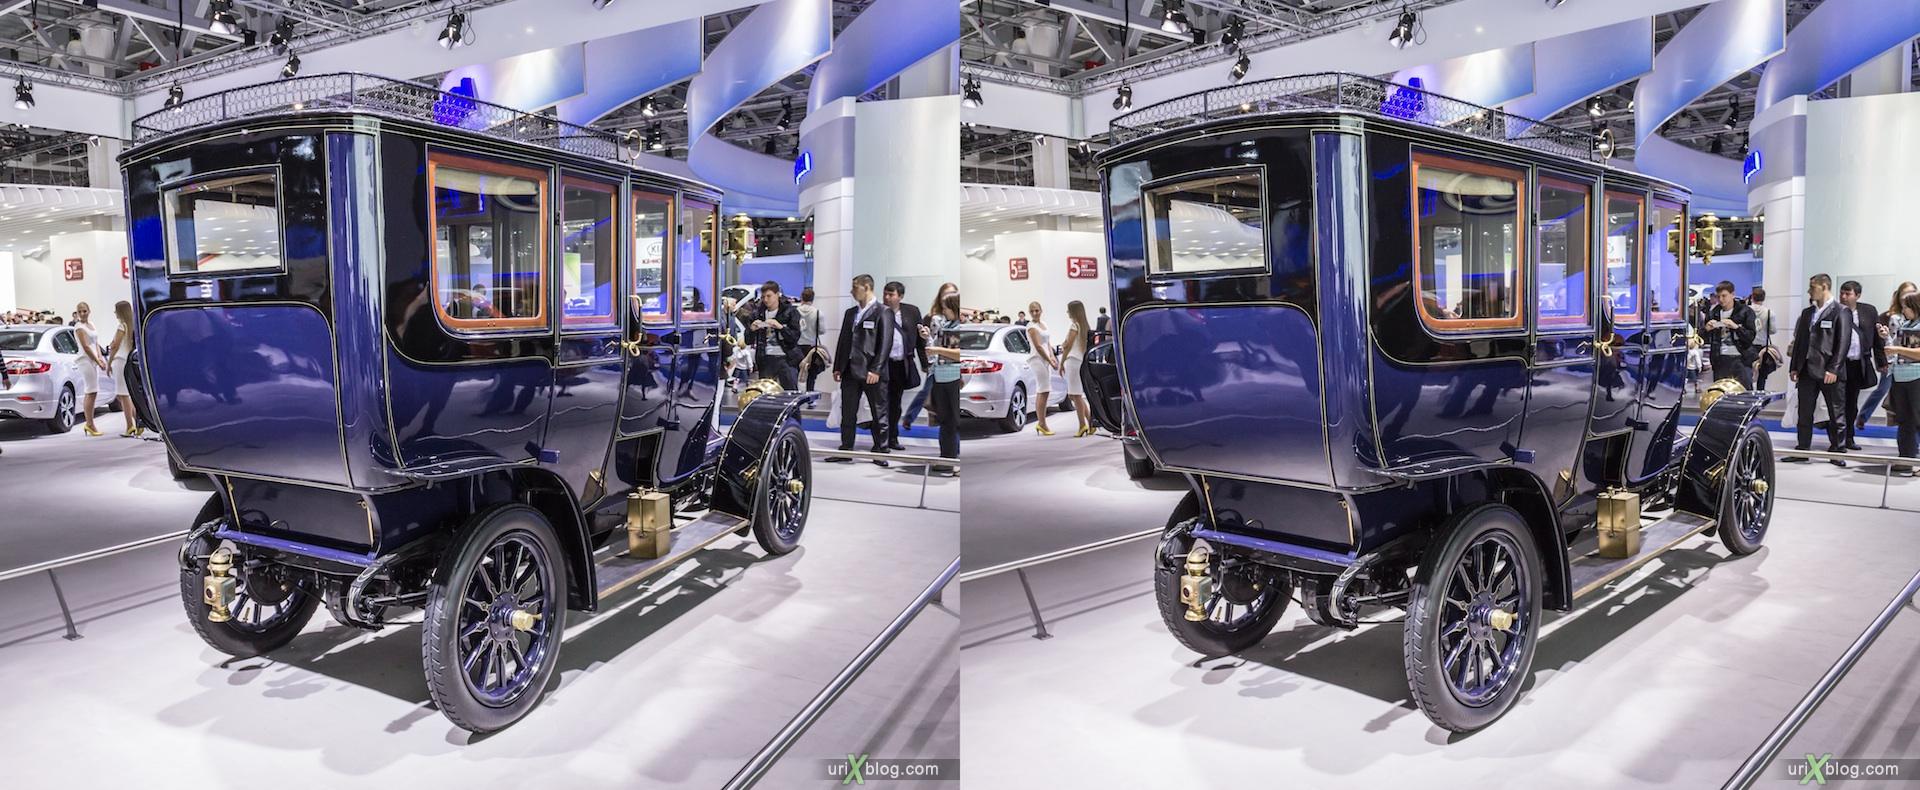 2012, Renault 1907 XB92, Московский международный автомобильный салон, ММАС, Крокус Экспо, 3D, стереопара